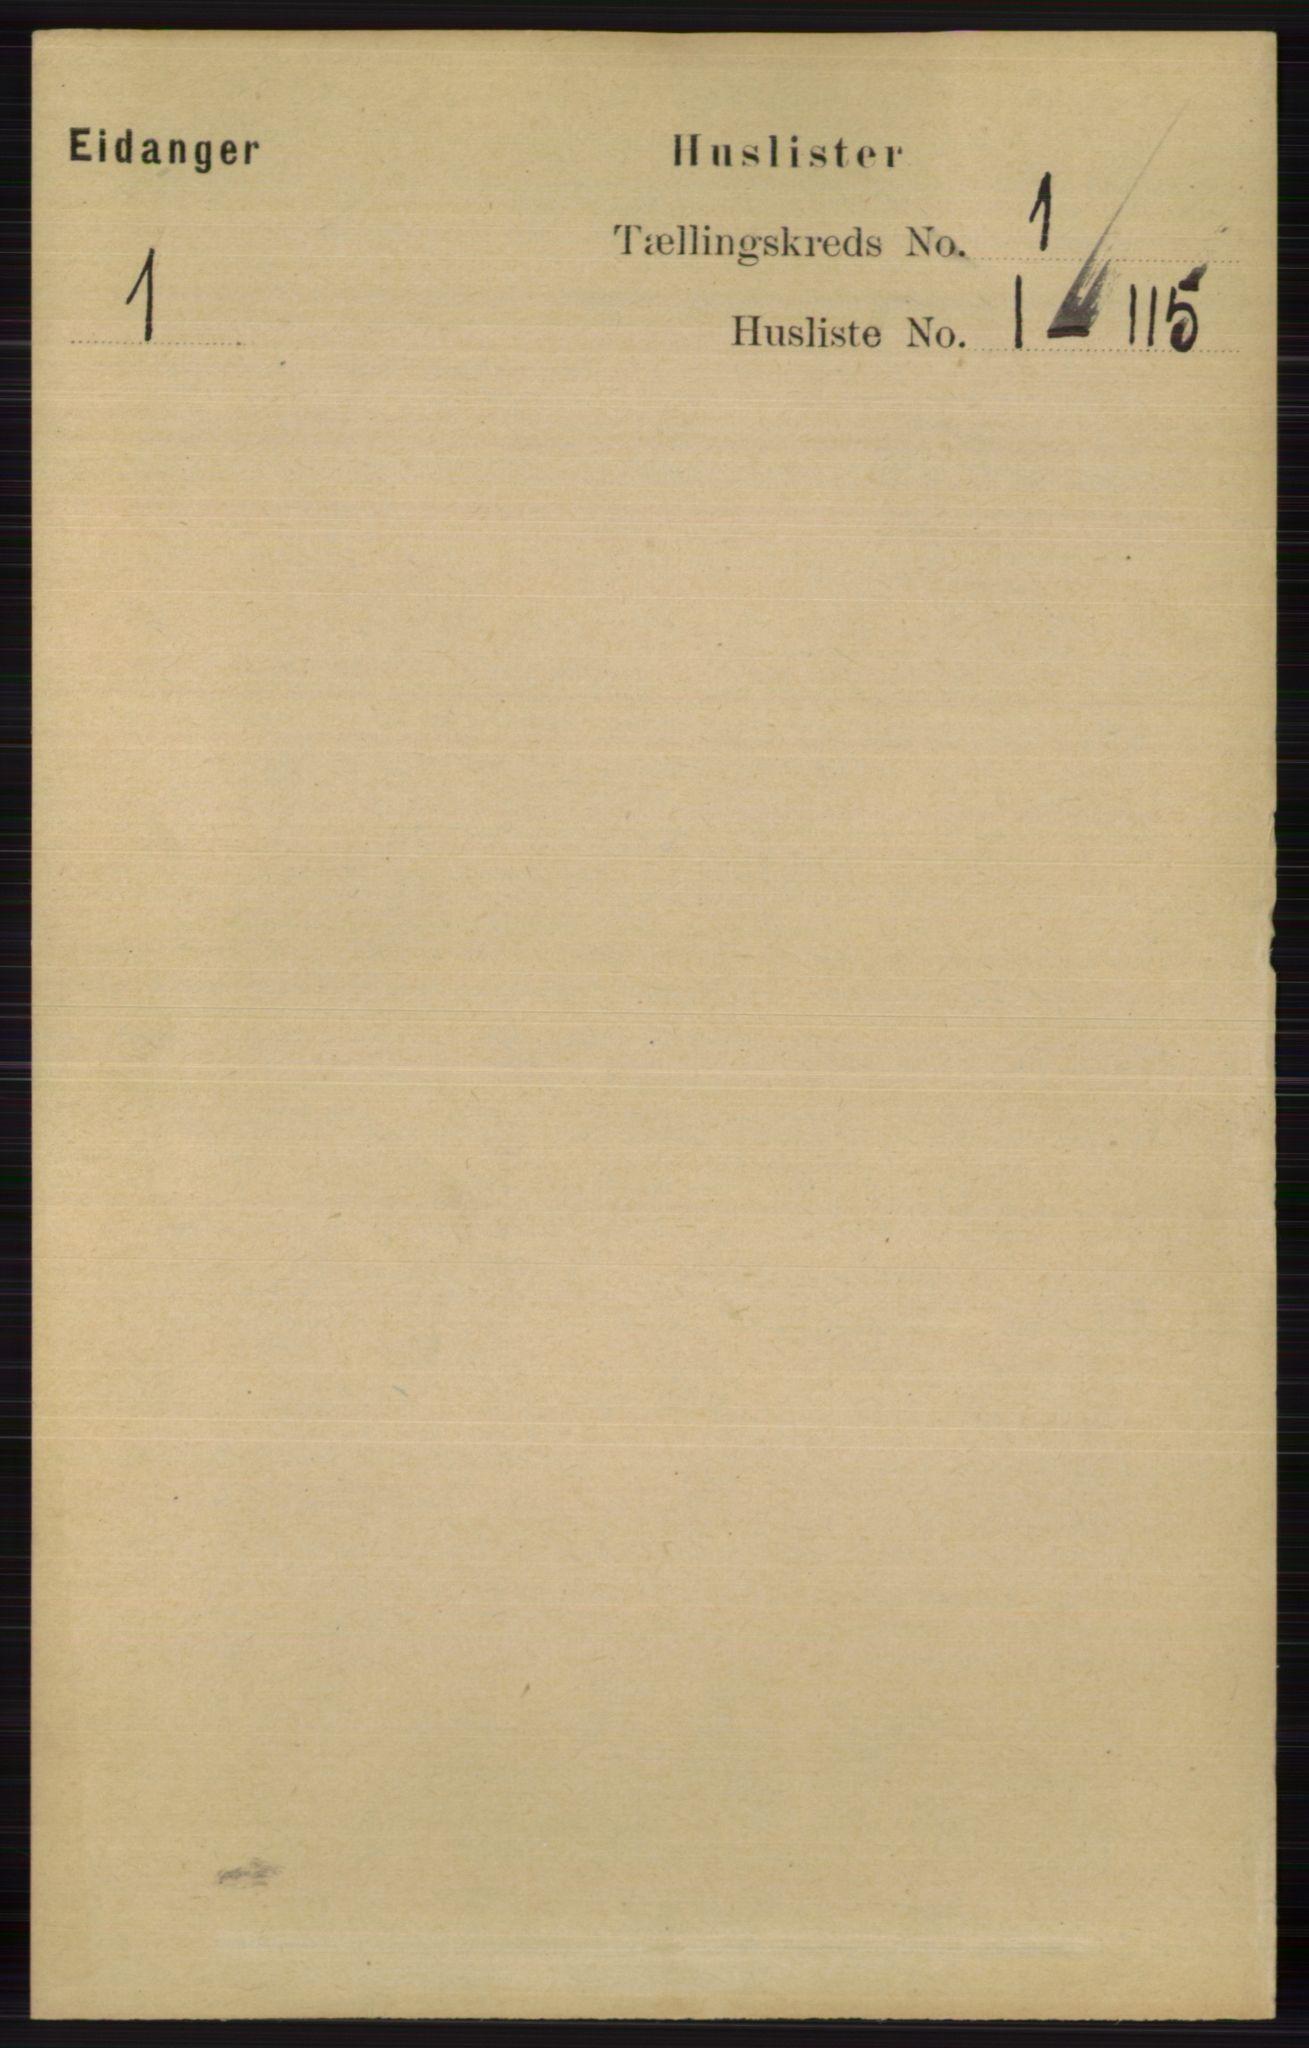 RA, Folketelling 1891 for 0813 Eidanger herred, 1891, s. 31